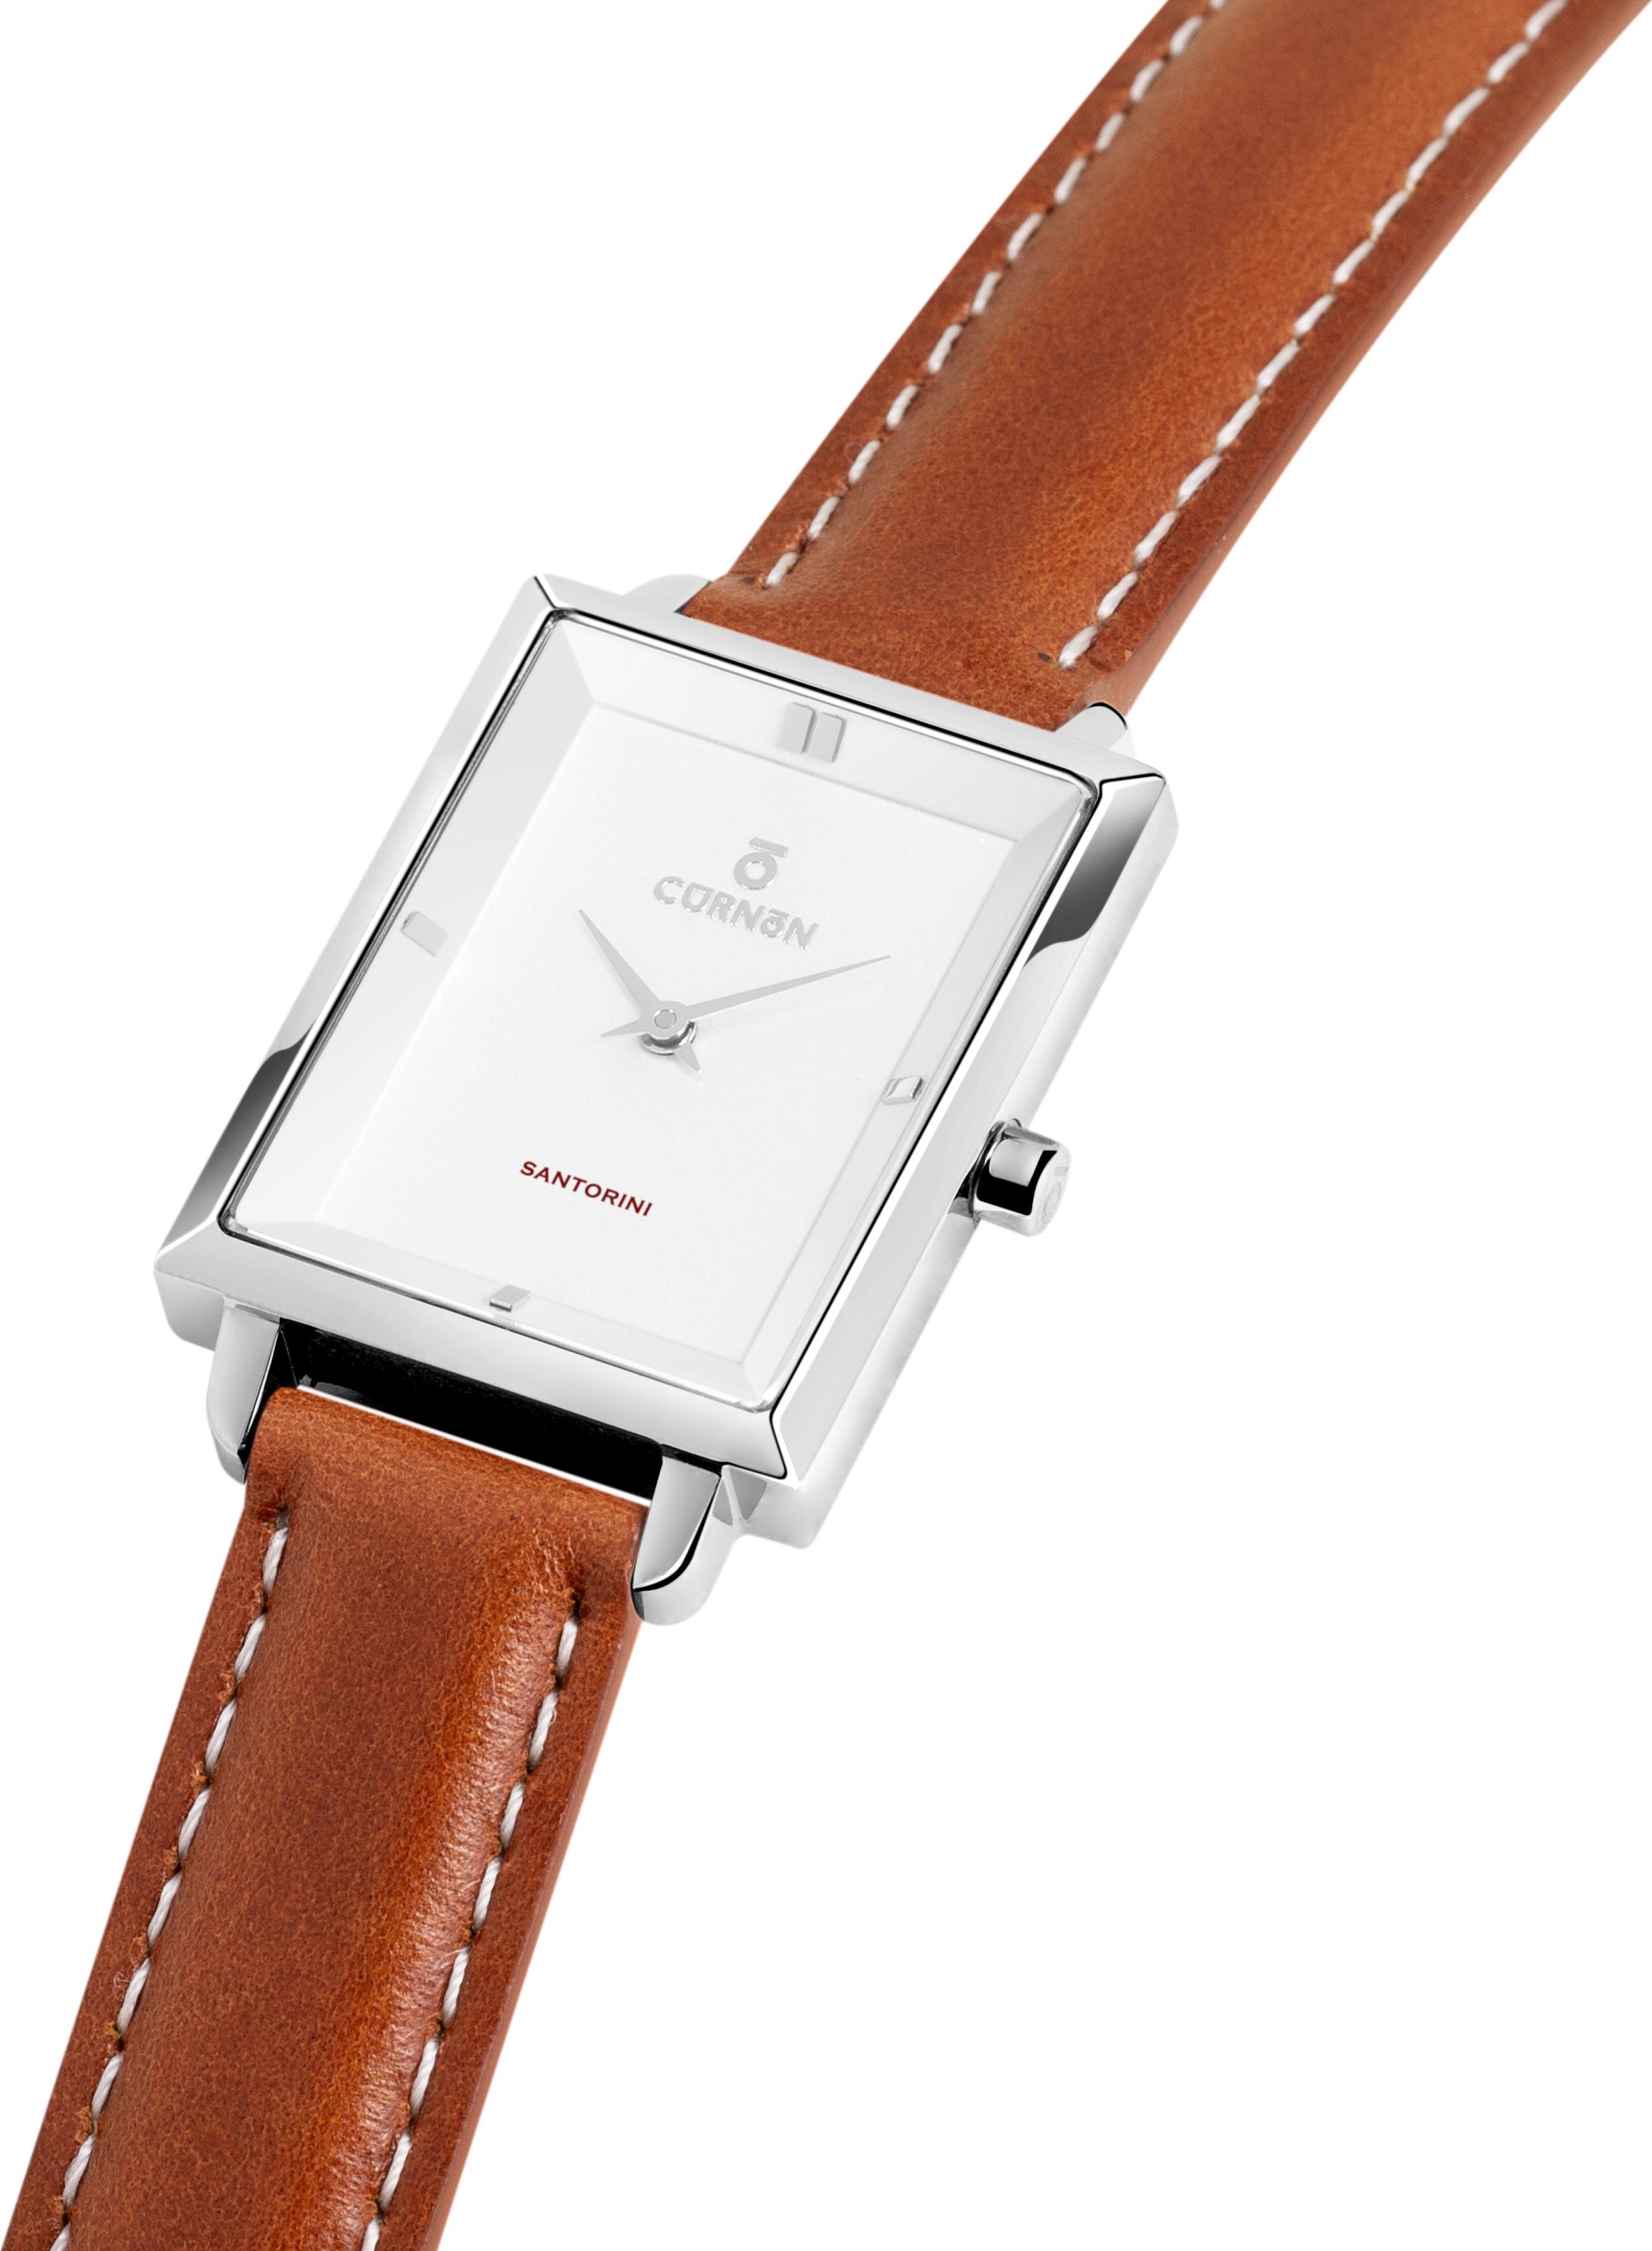 Đồng hồ nữ Dây Da Curnon Santorini Athena (30x24mm) Mặt Chữ Nhật